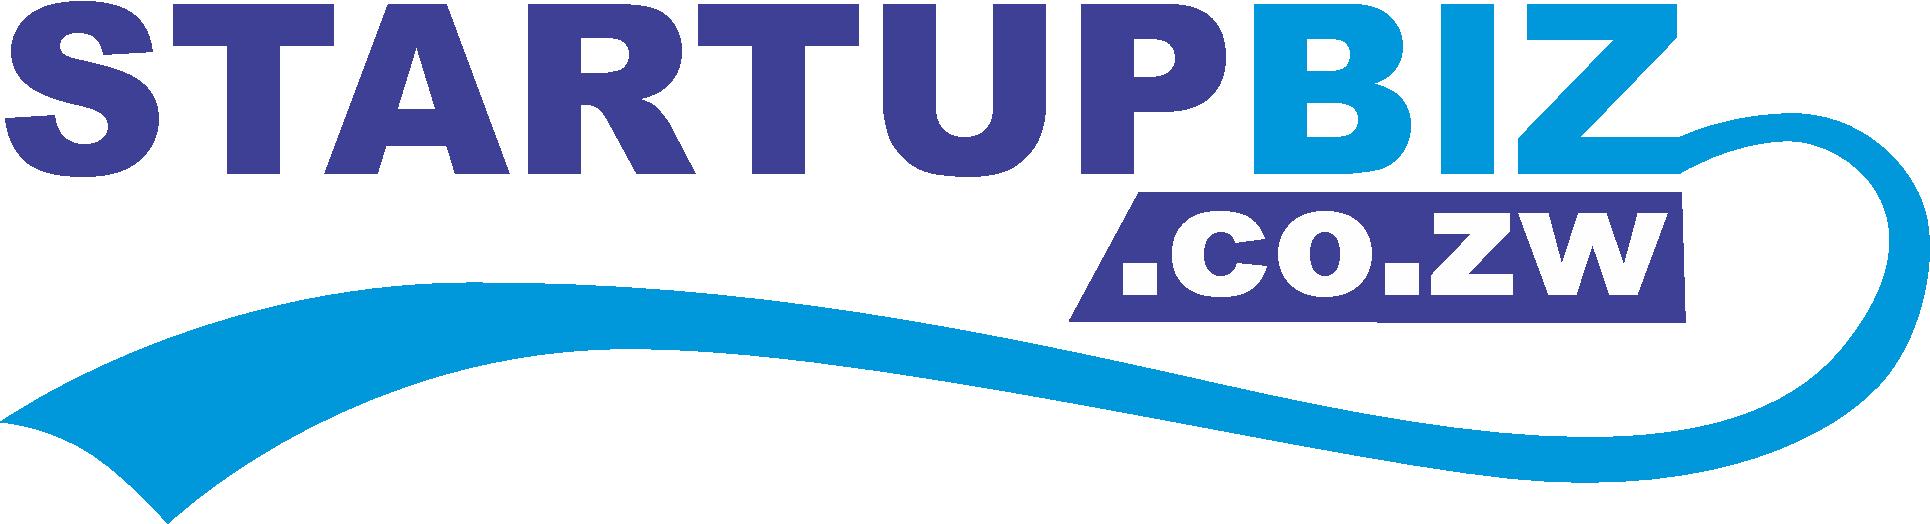 StartupBiz Zimbabwe